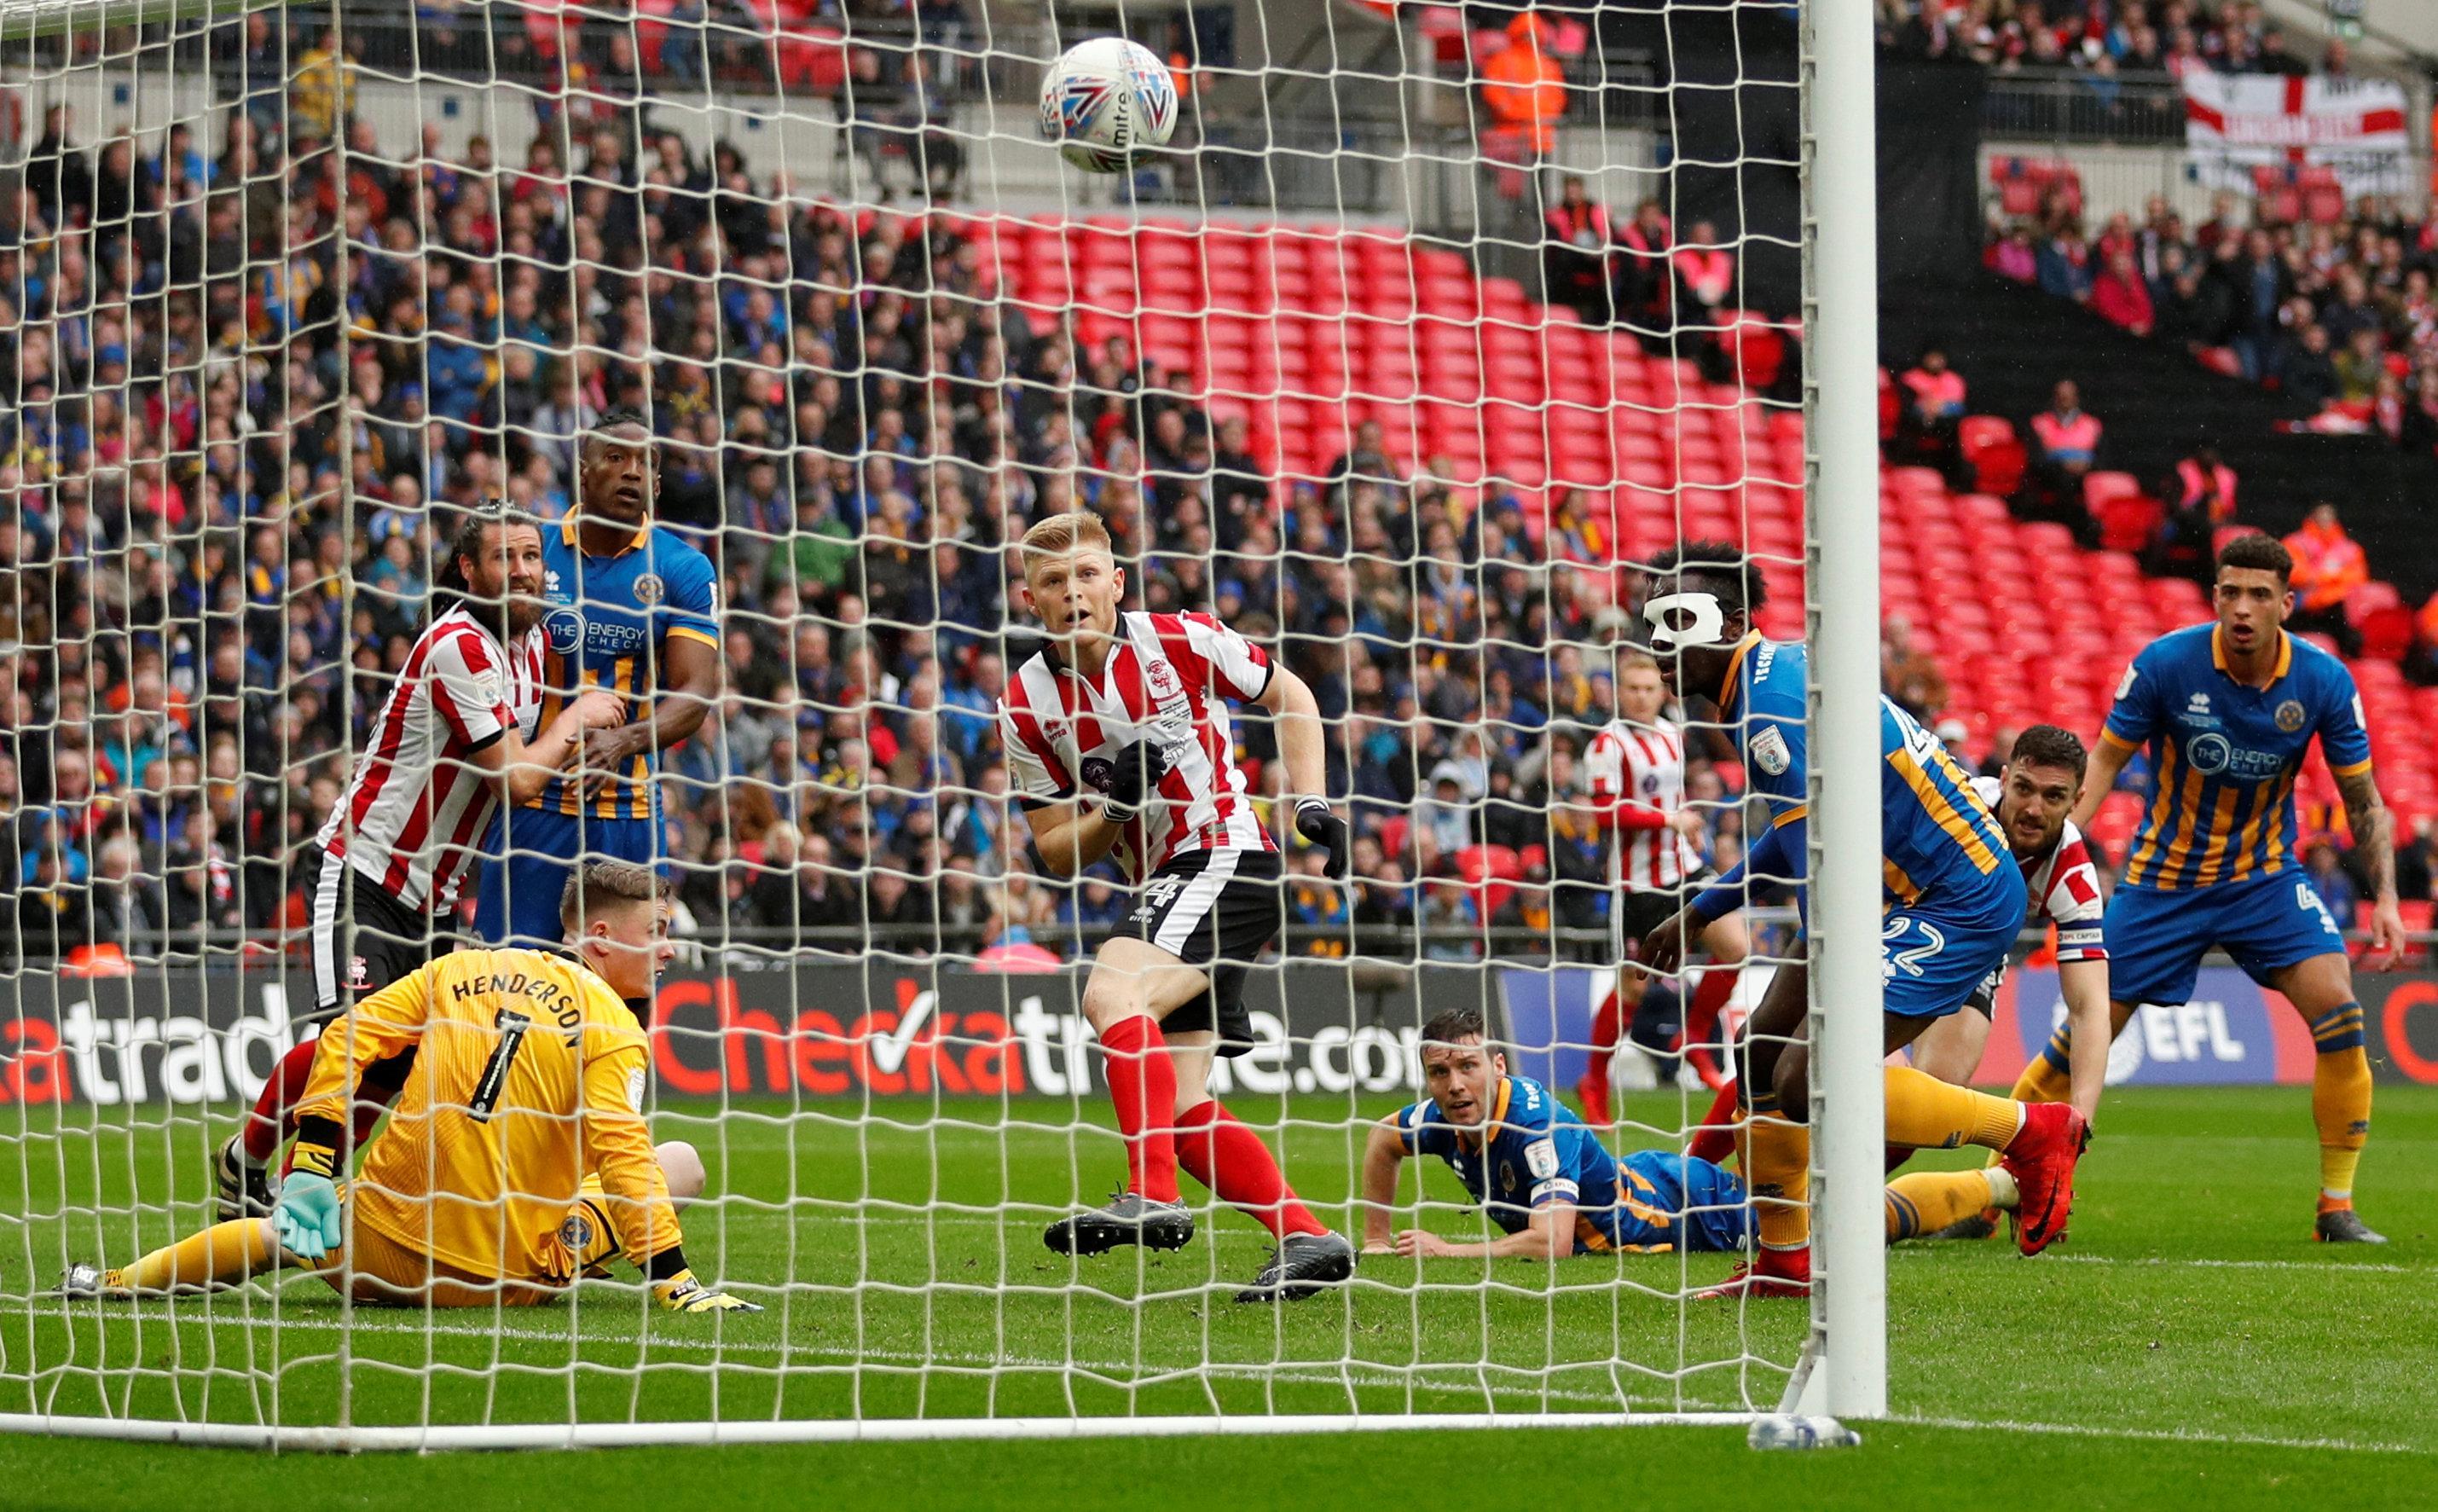 Elliott Whitehouse scored the winner in front of 41,000 at Wembley Stadium